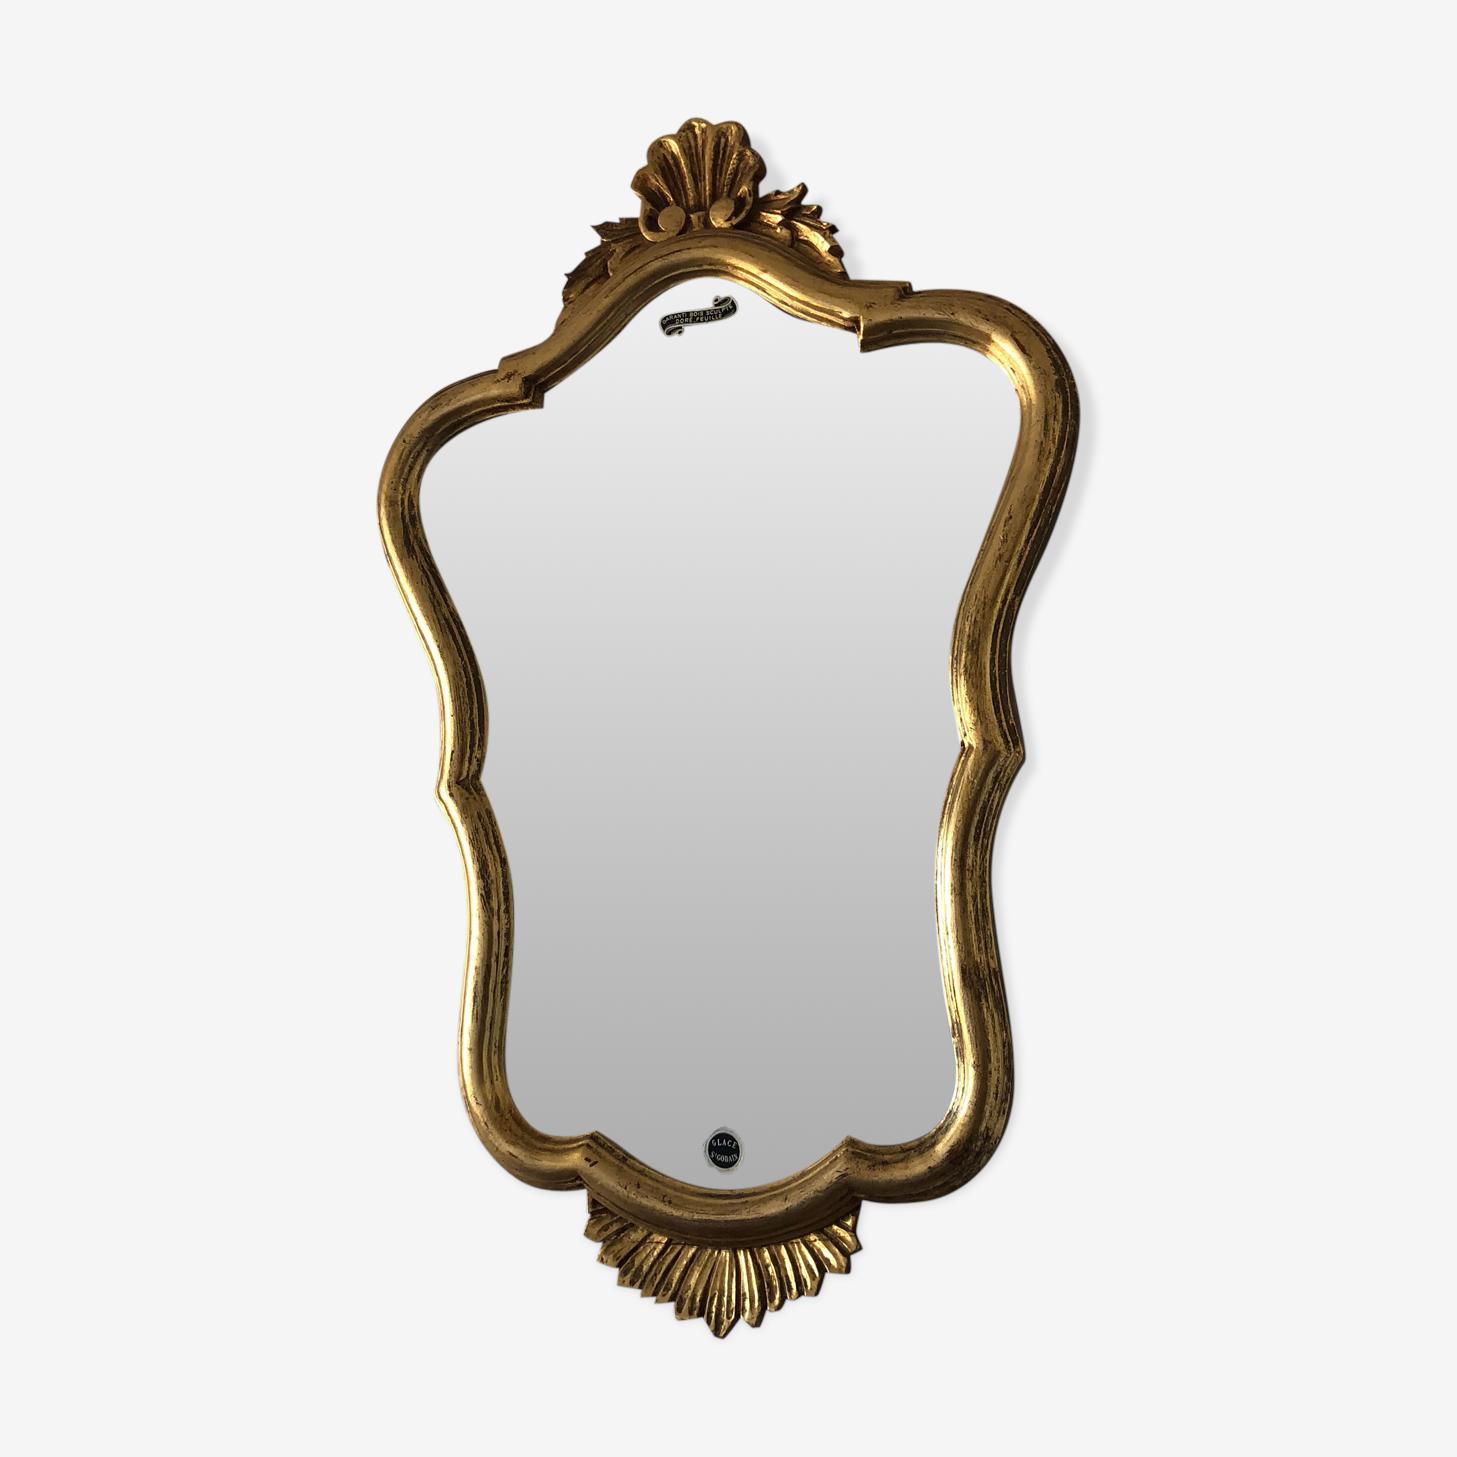 Miroir rocailles Bois doré 70x45cm vintage 1950